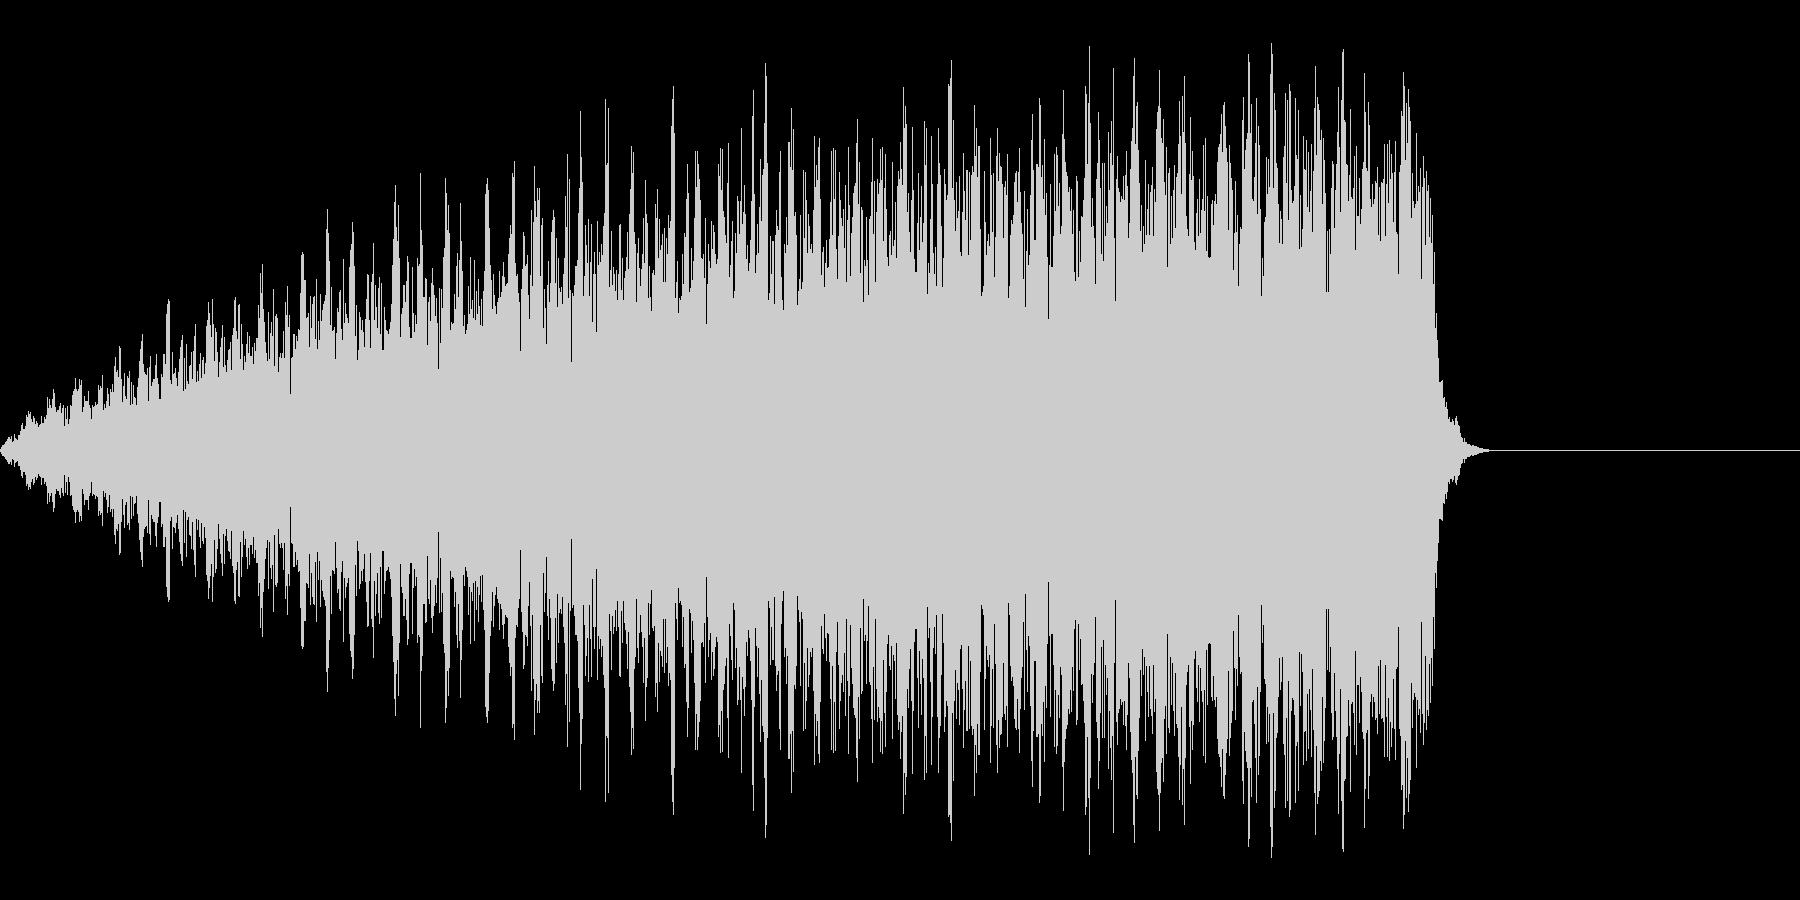 シュギューンシュギューンの未再生の波形